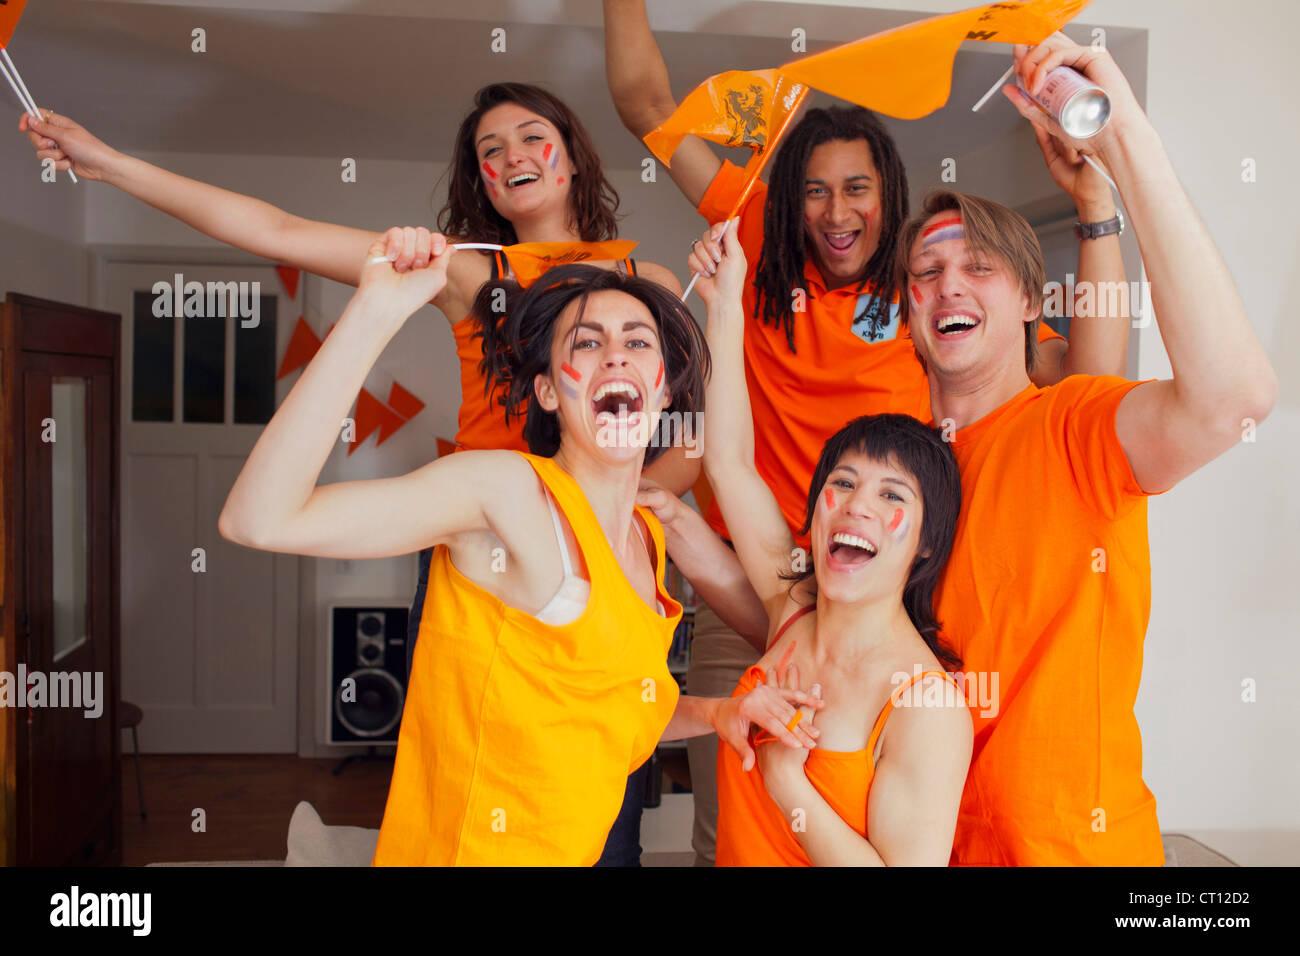 Amigos vítores para deportes juntos Foto de stock